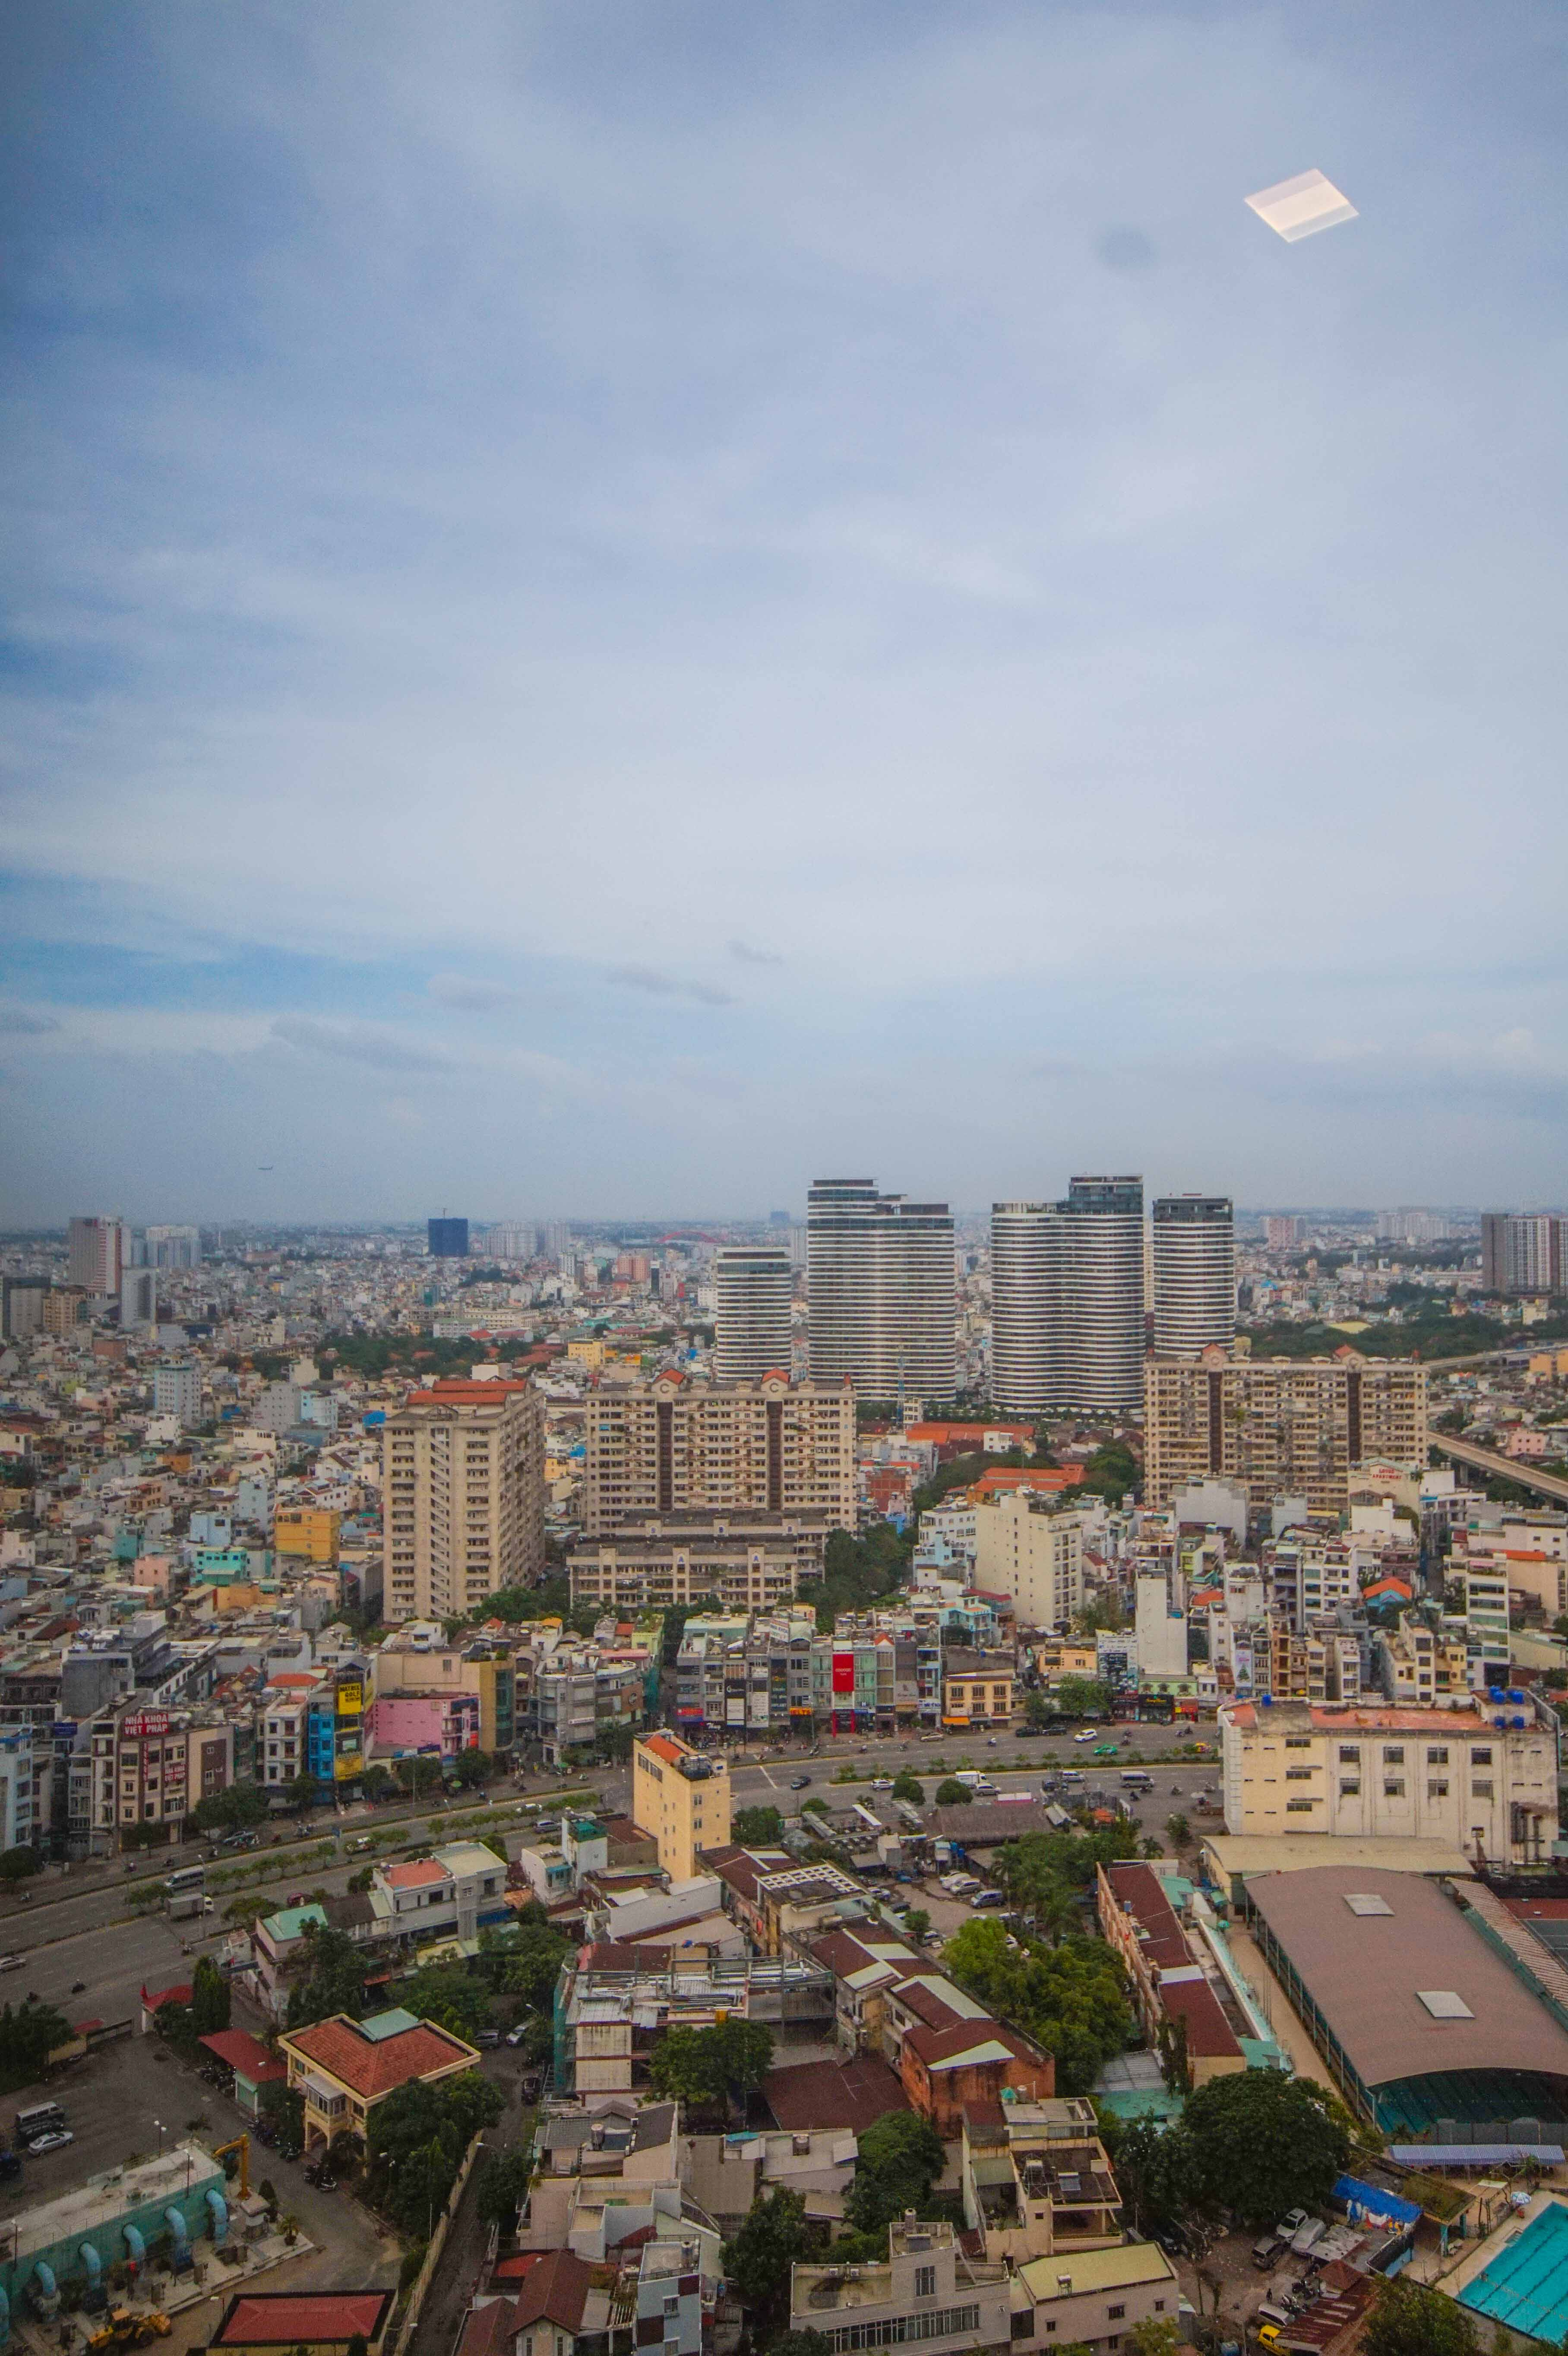 Cho Thuê Căn hộ 2 PN Vinhomes Golden River - Nội Thất Cơ Bản & Tràn Ngập Ánh Sáng-13